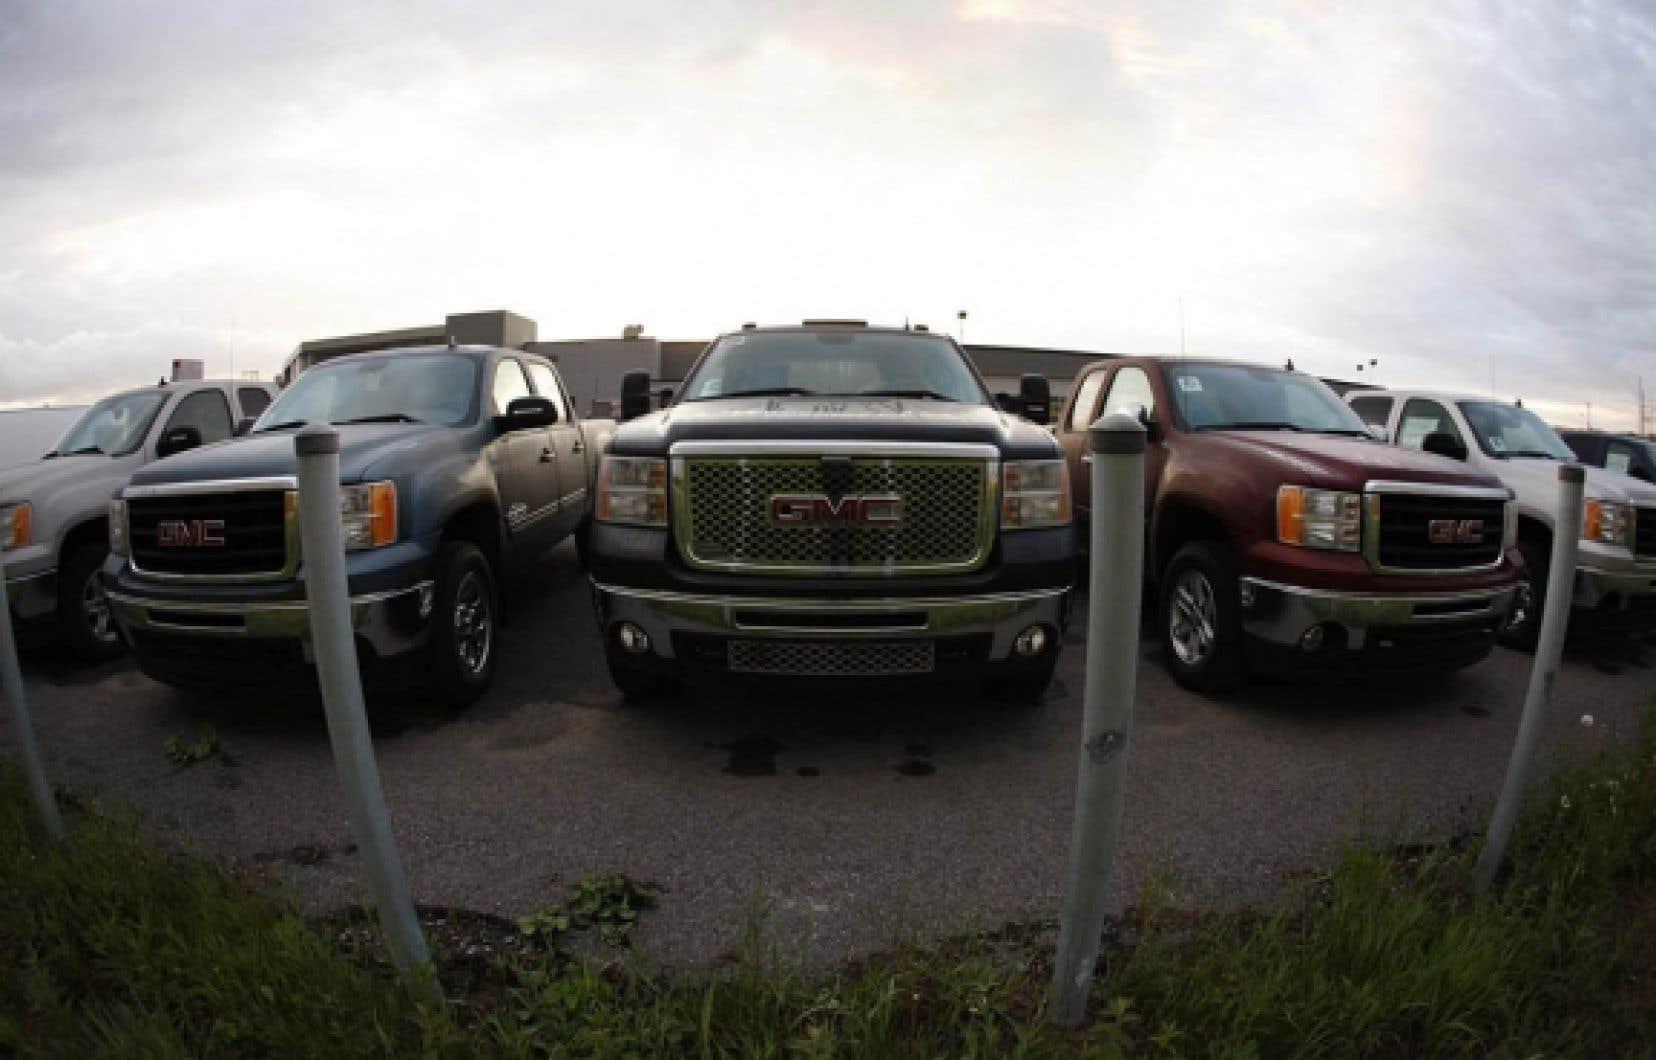 Les ventes de camions légers ont crû de 32 % au Québec depuis le début de l'année, soit quatre fois plus que les ventes de voitures (8 %).